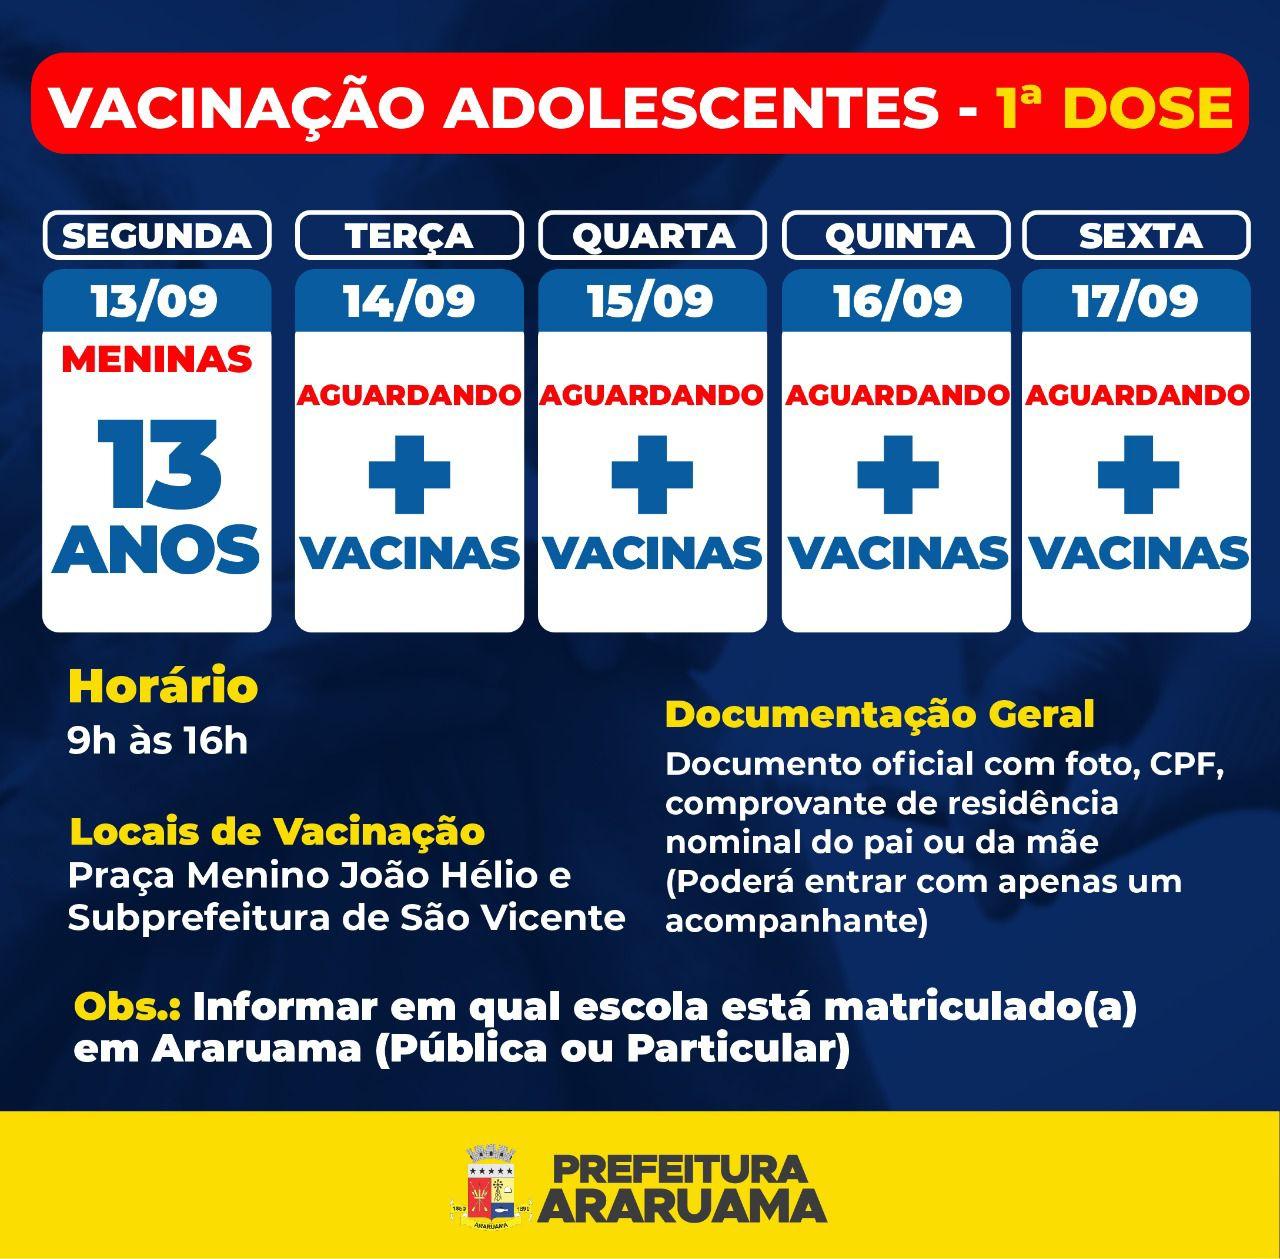 Prefeitura de Araruama vai vacinar meninas de 13 anos contra a COVID-19